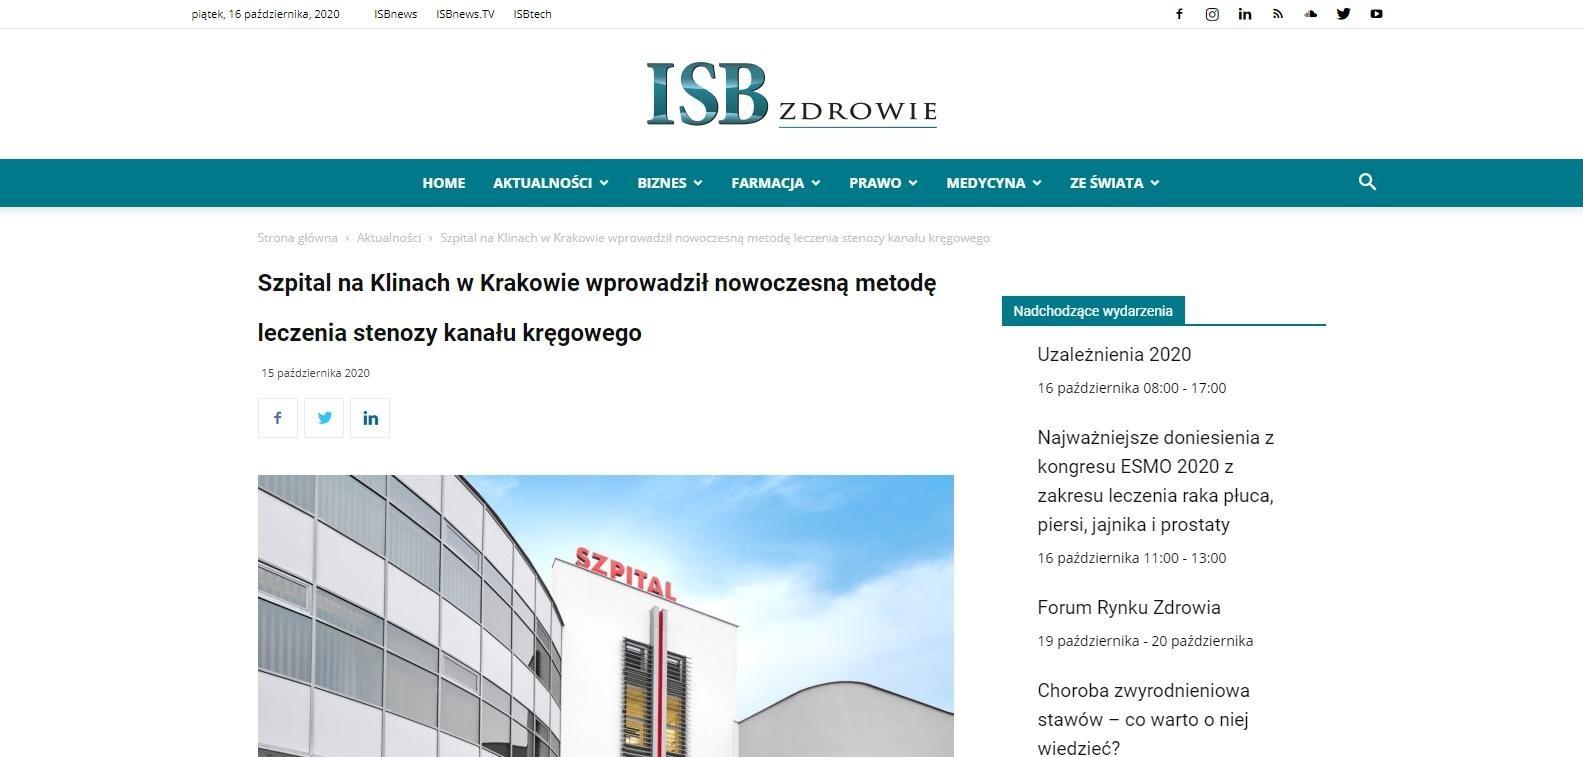 szpital na klinach w krakowie wprowadzil nowoczesna metode leczenia stenozy kanalu kregowego